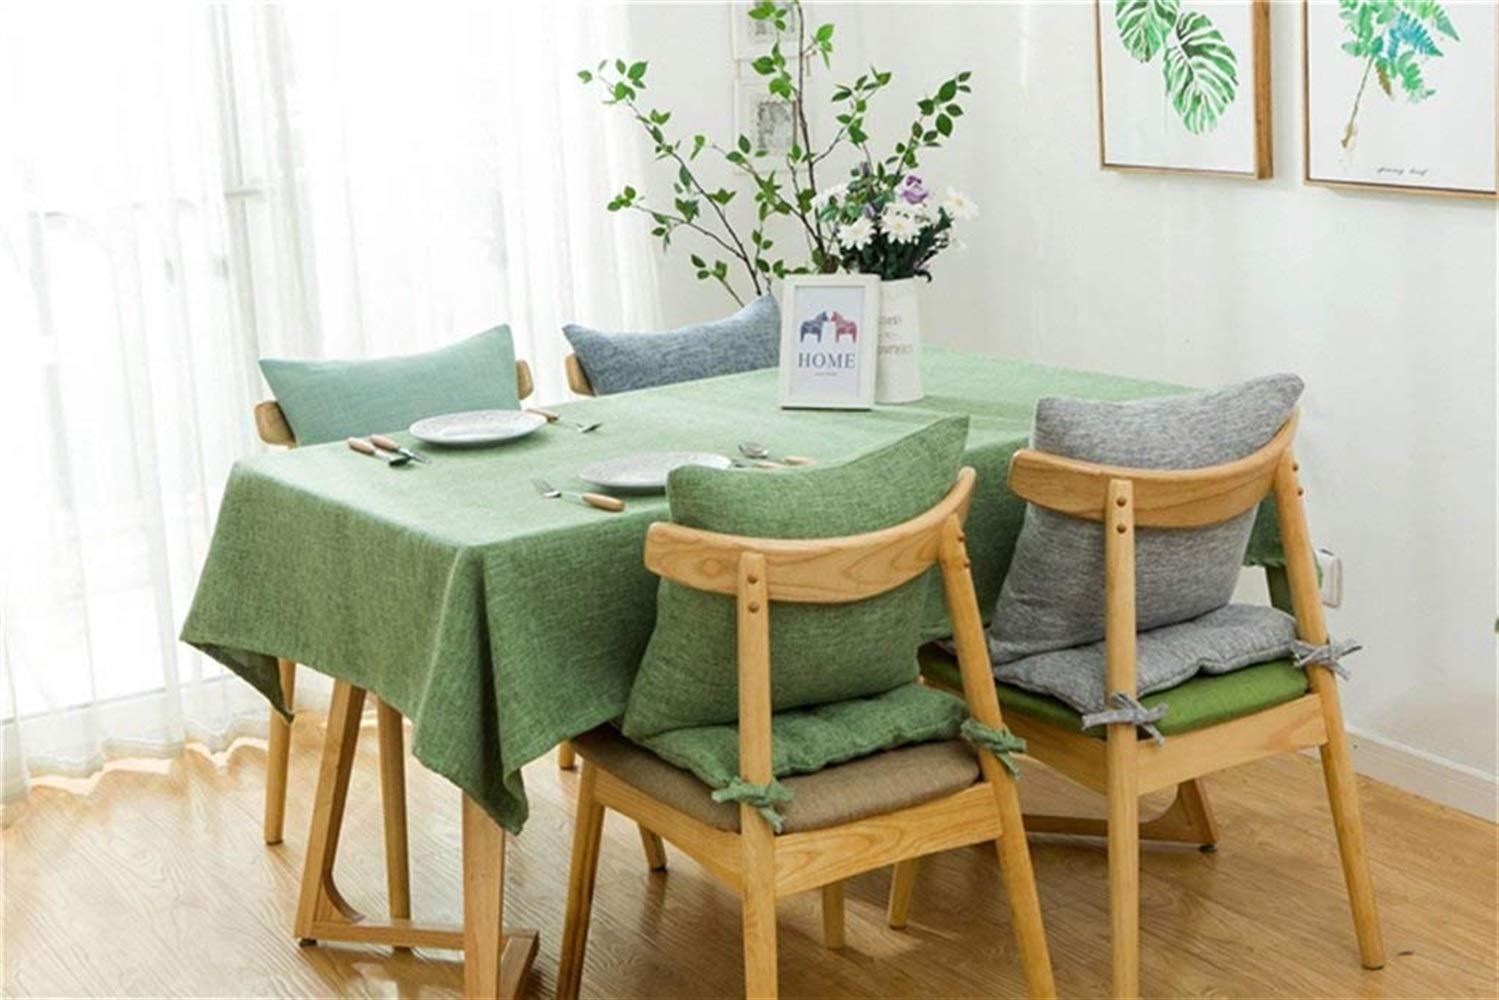 CQSMOO Tovaglia Biancheria da Cucina Asciugamano Lino Rettangolare Tinta Unita Tavolino da Pranzo Tavolo da Cucina Balcone Tessuto da Cucina Pastorale Americana in Cotone by